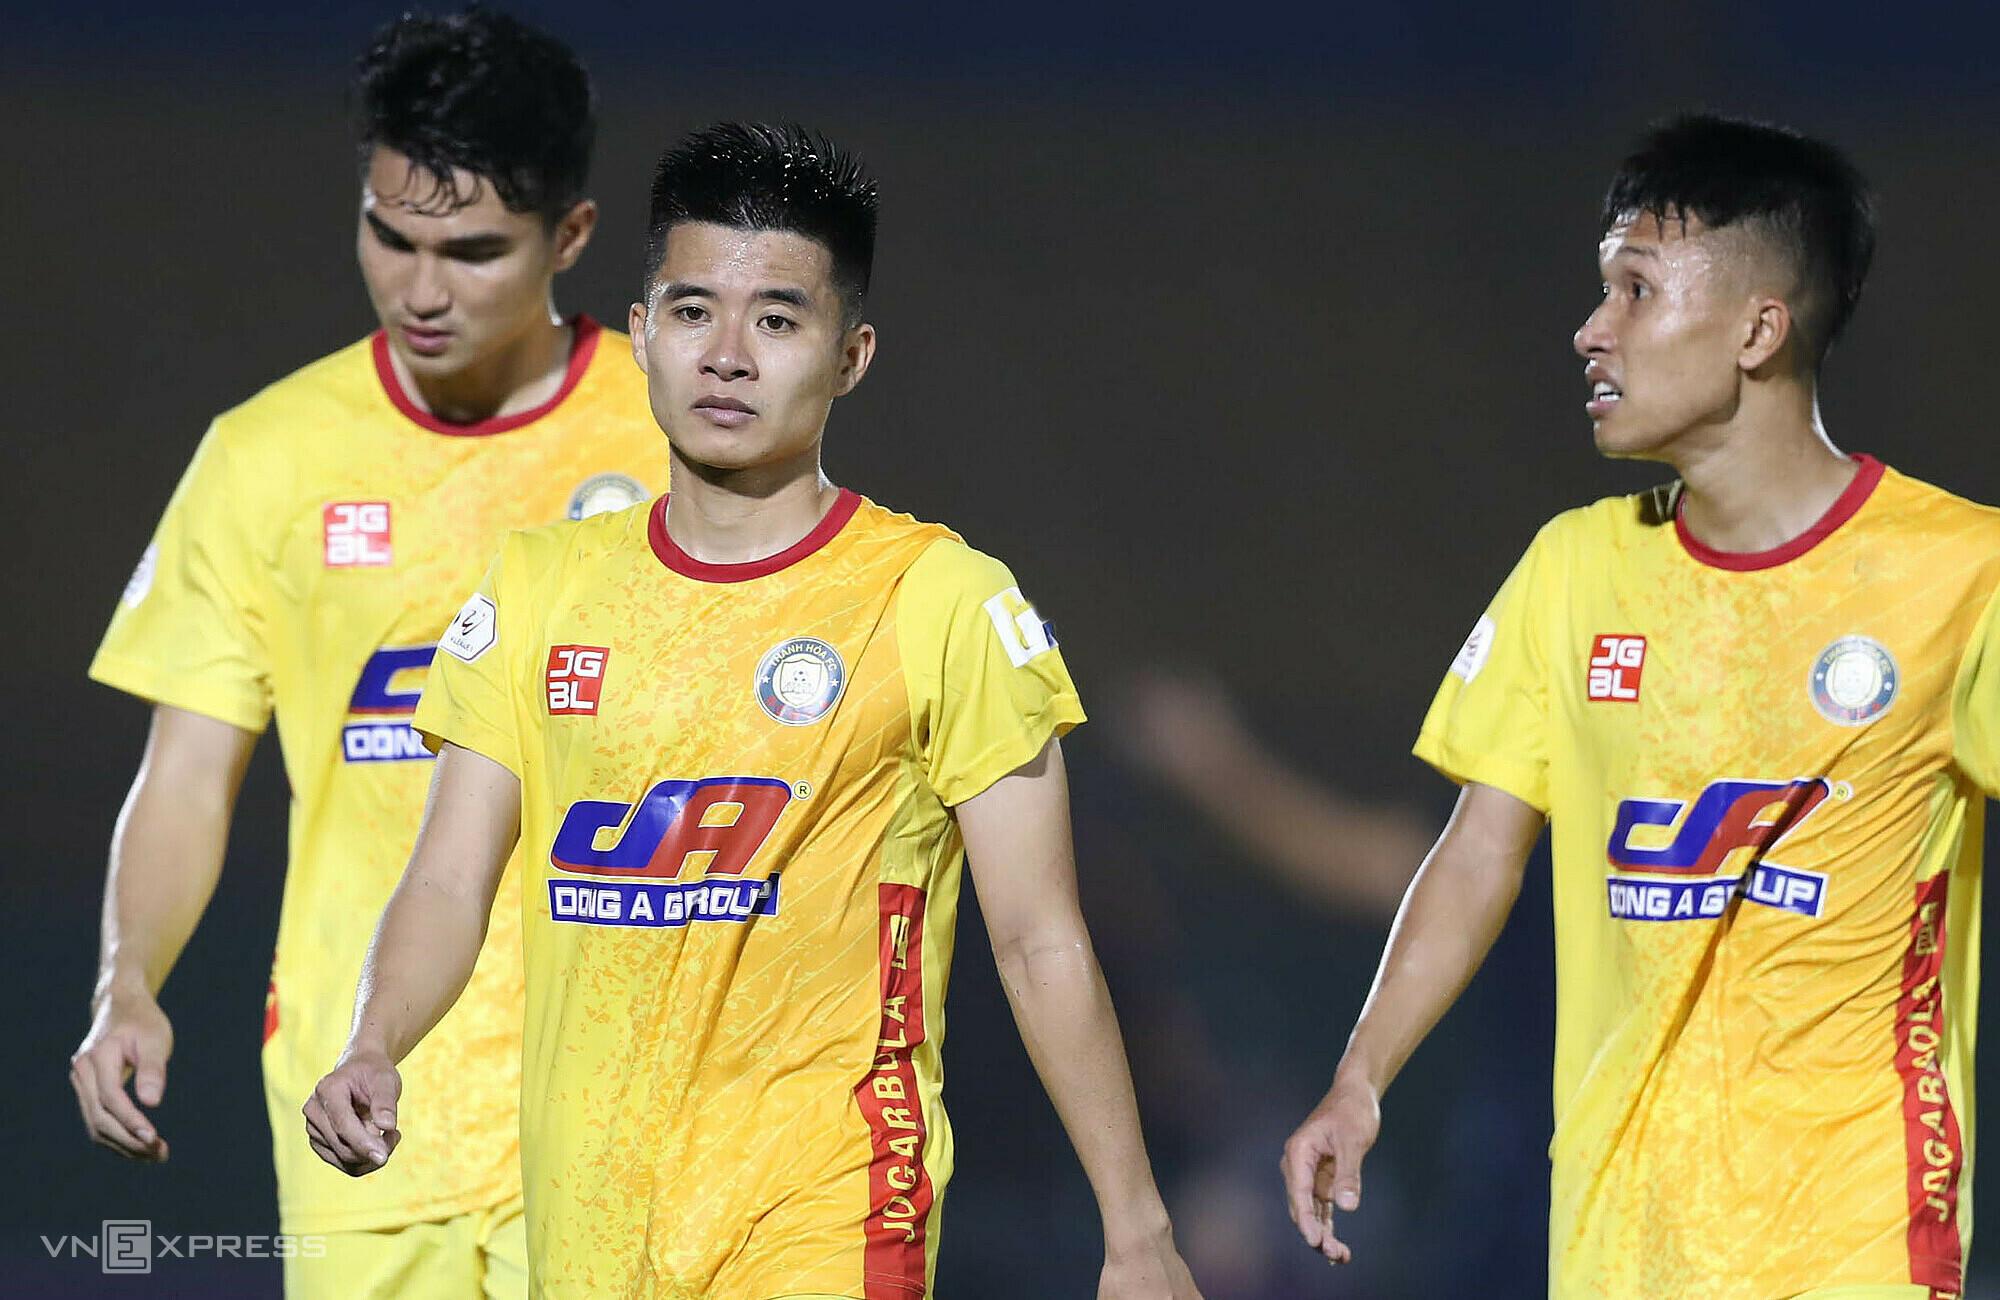 การอำลาฟุตบอลแห่งชาติเร็ว ๆ นี้เป็นโอกาสสำหรับ Thanh Hoa ที่จะมุ่งเน้นไปที่หกประตูสูงสุดใน V-League  ภาพ: Duc Dong